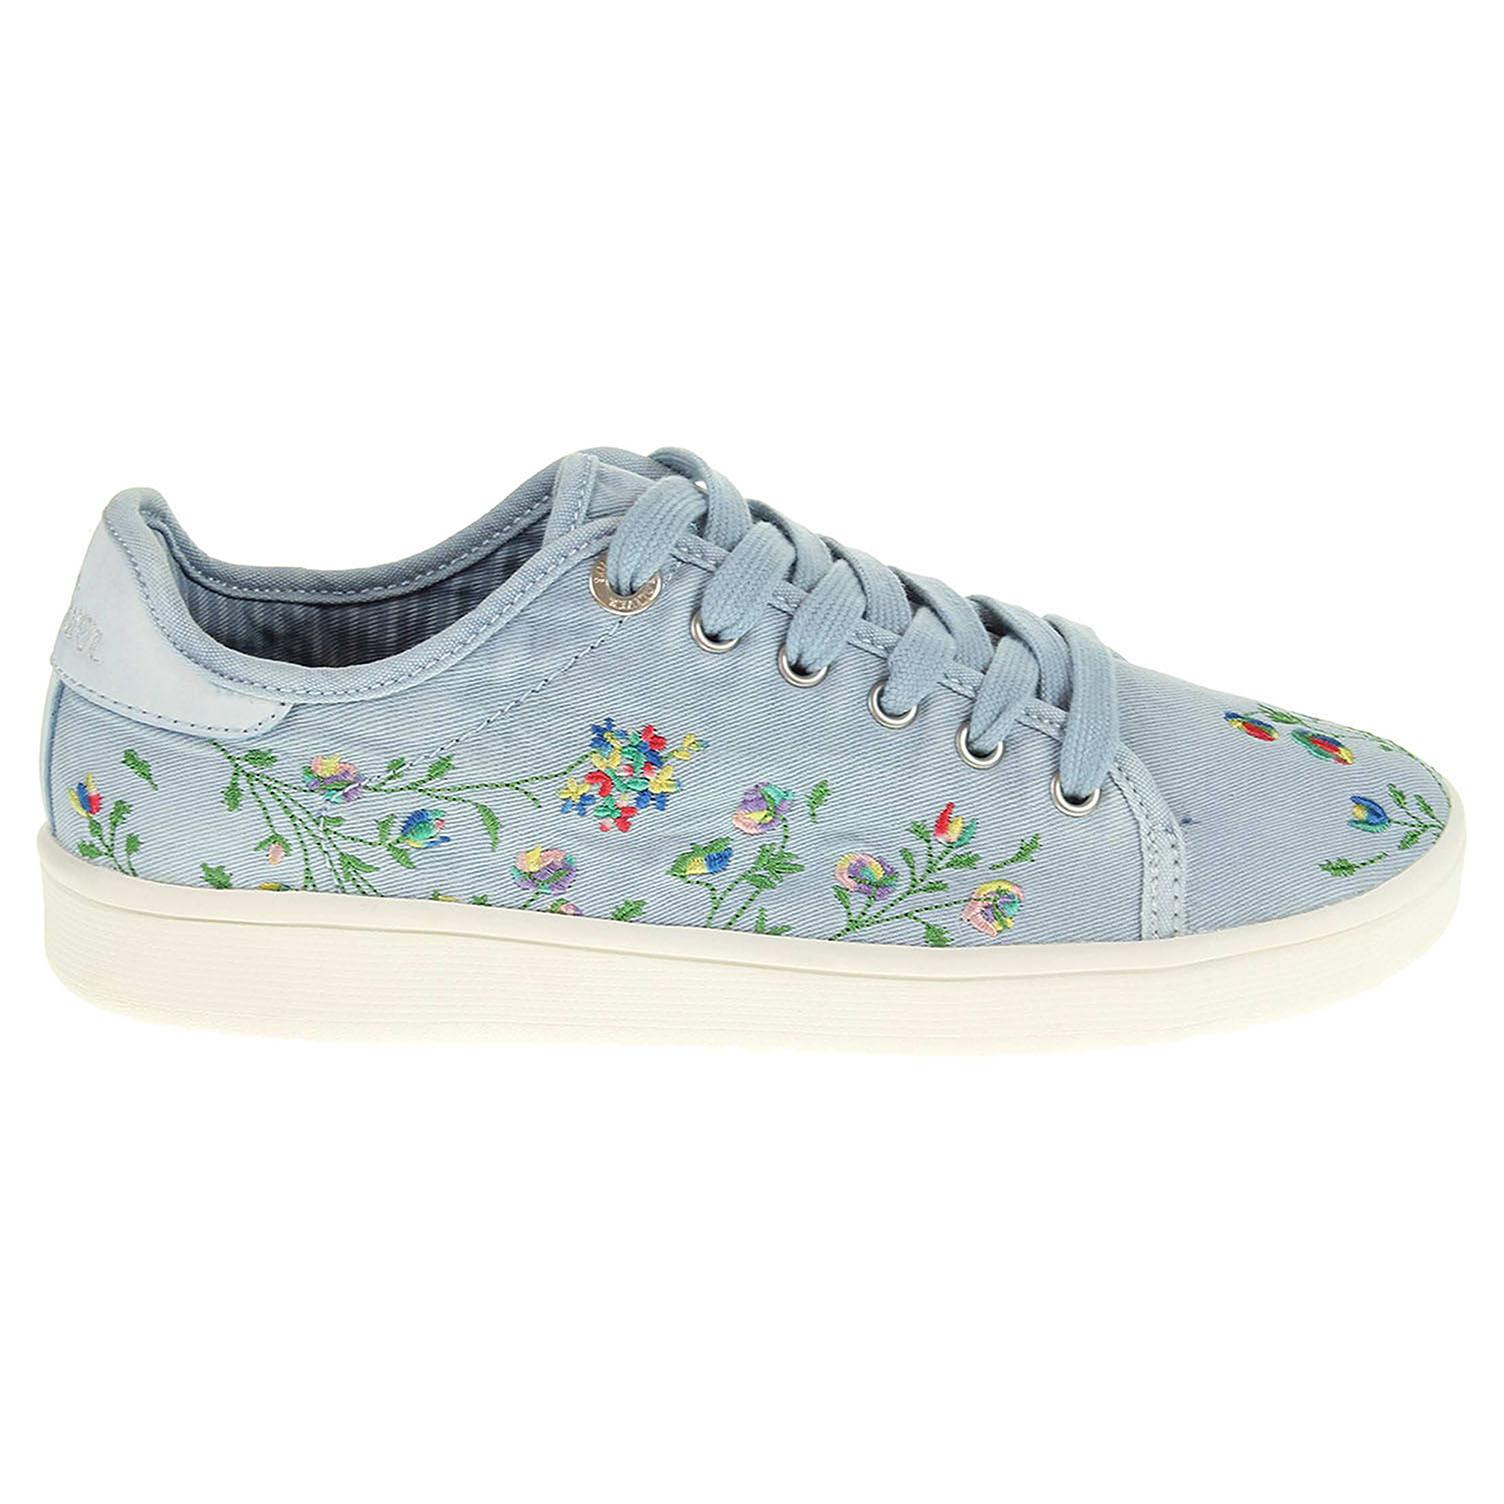 s.Oliver dámská obuv 5-23647-38 modrá 38